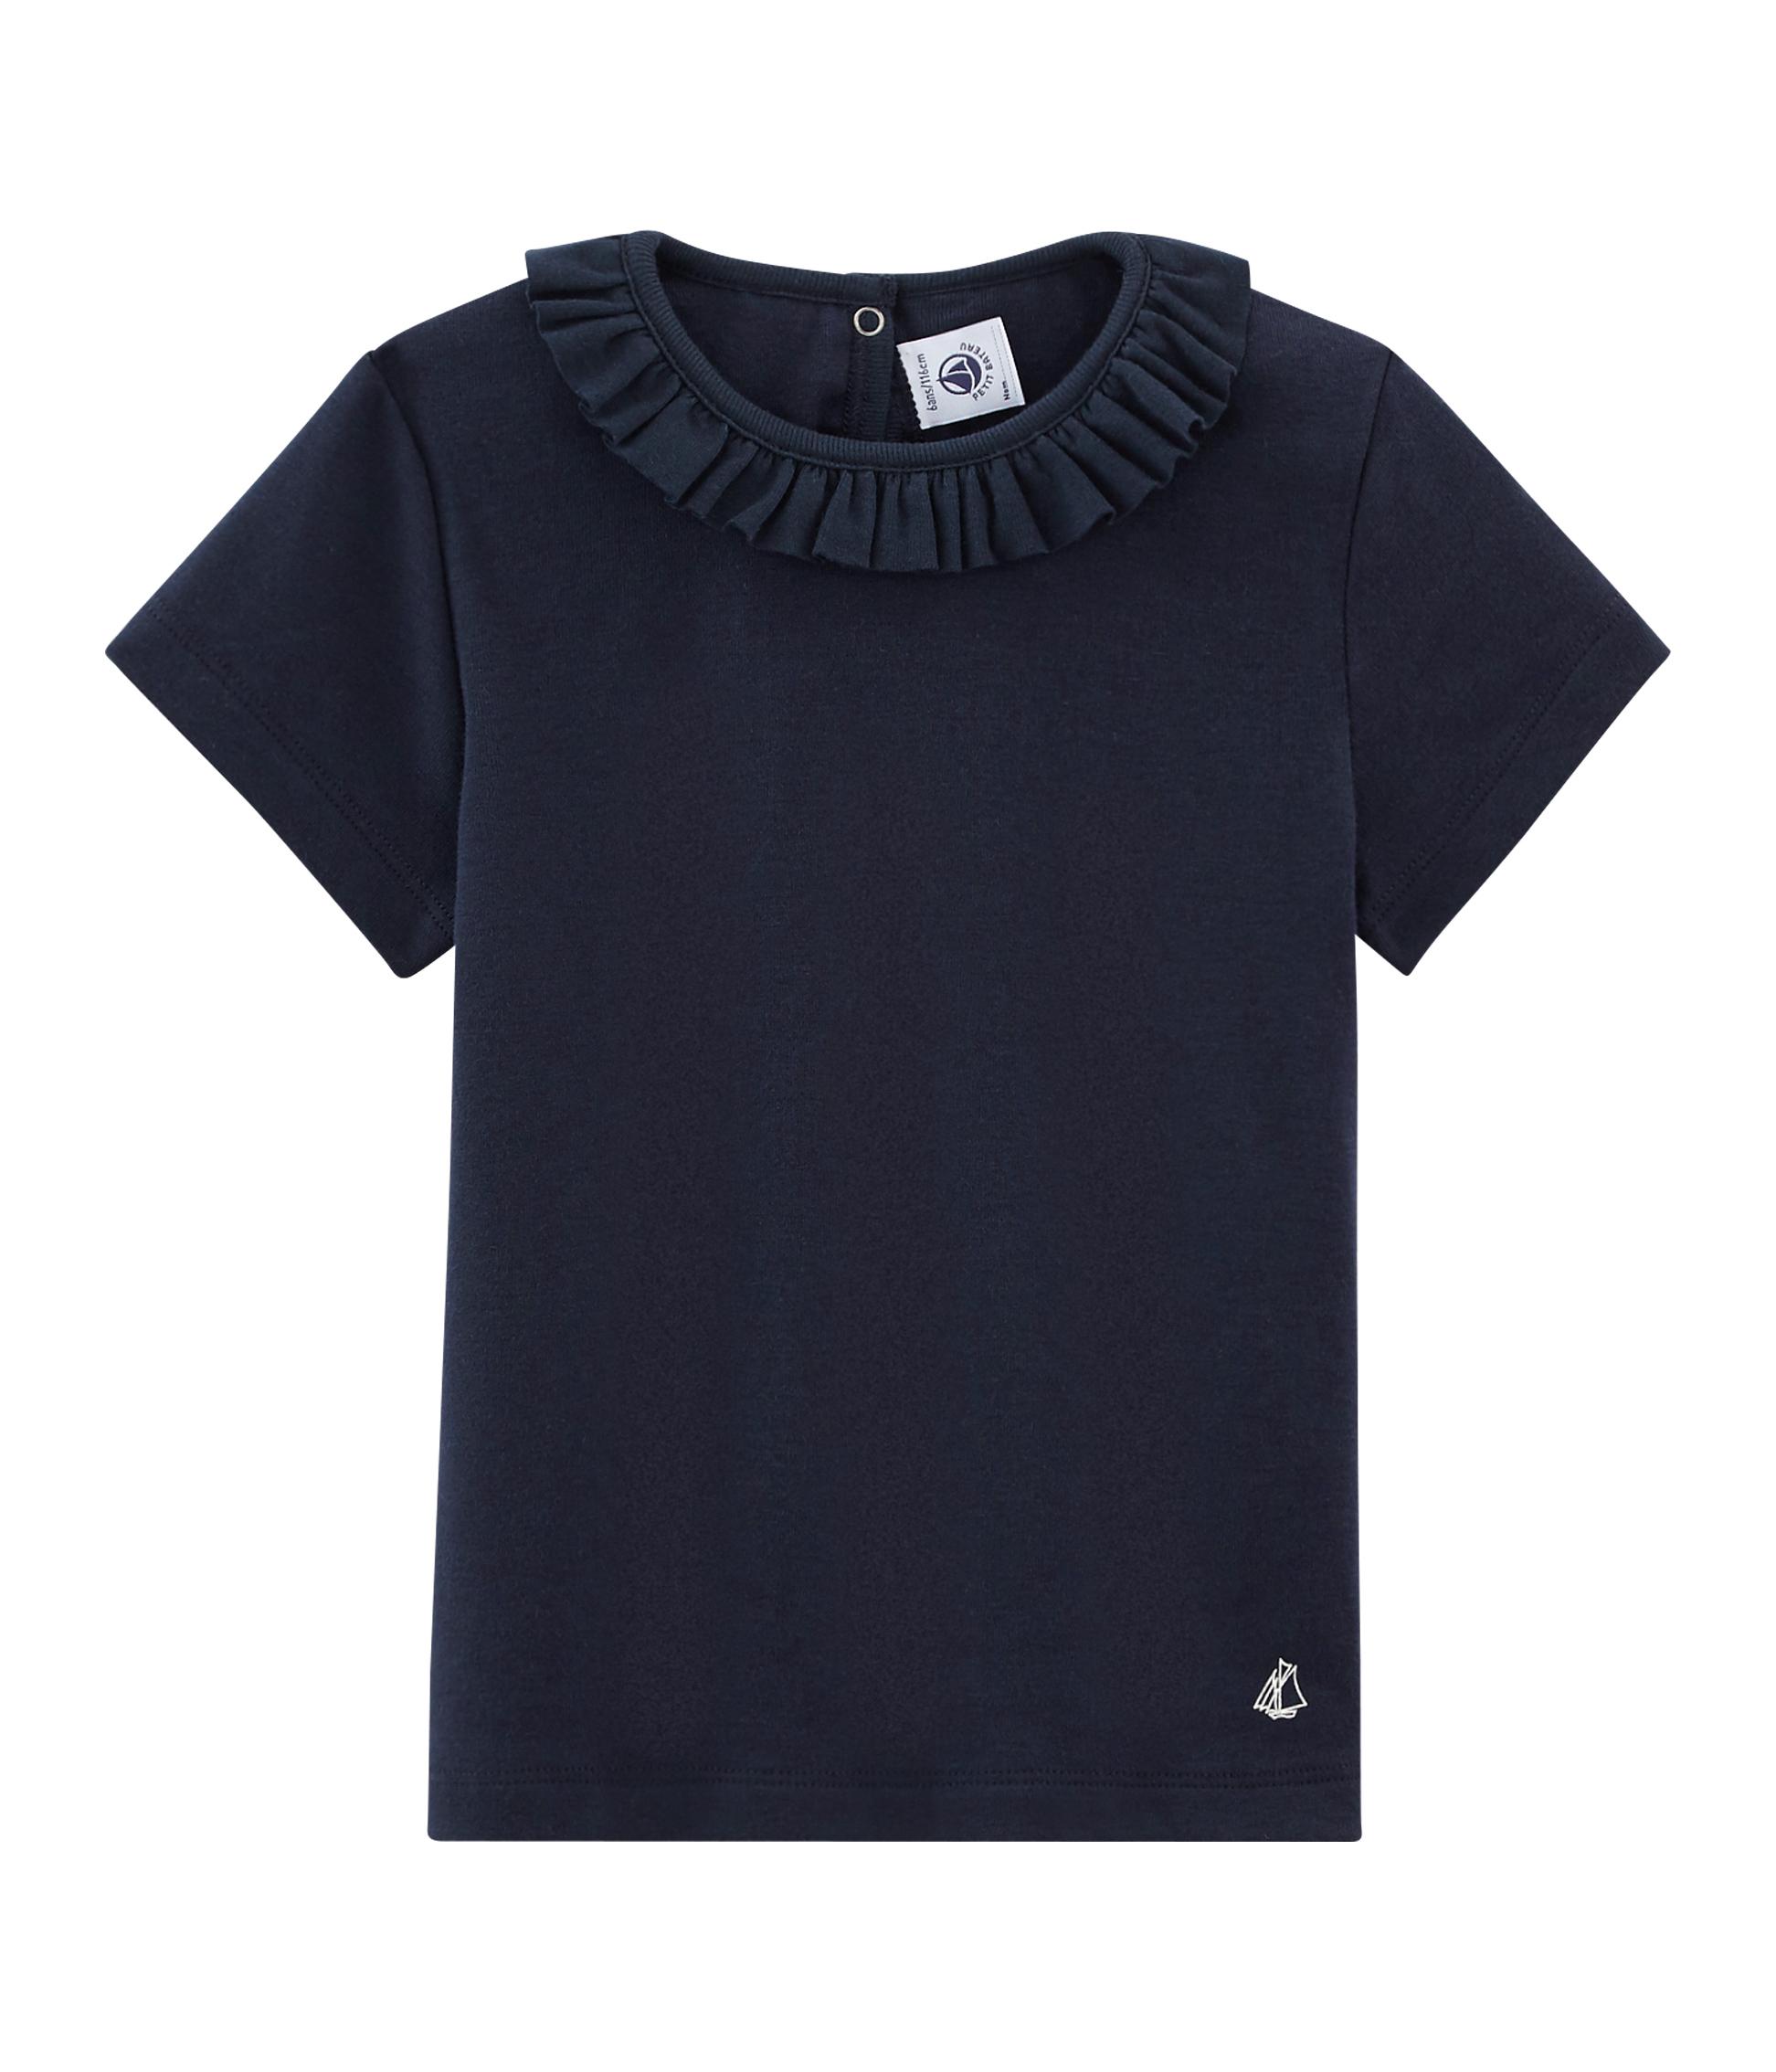 847ebc9ba6a7e Tee-shirt à manches courtes enfant fille